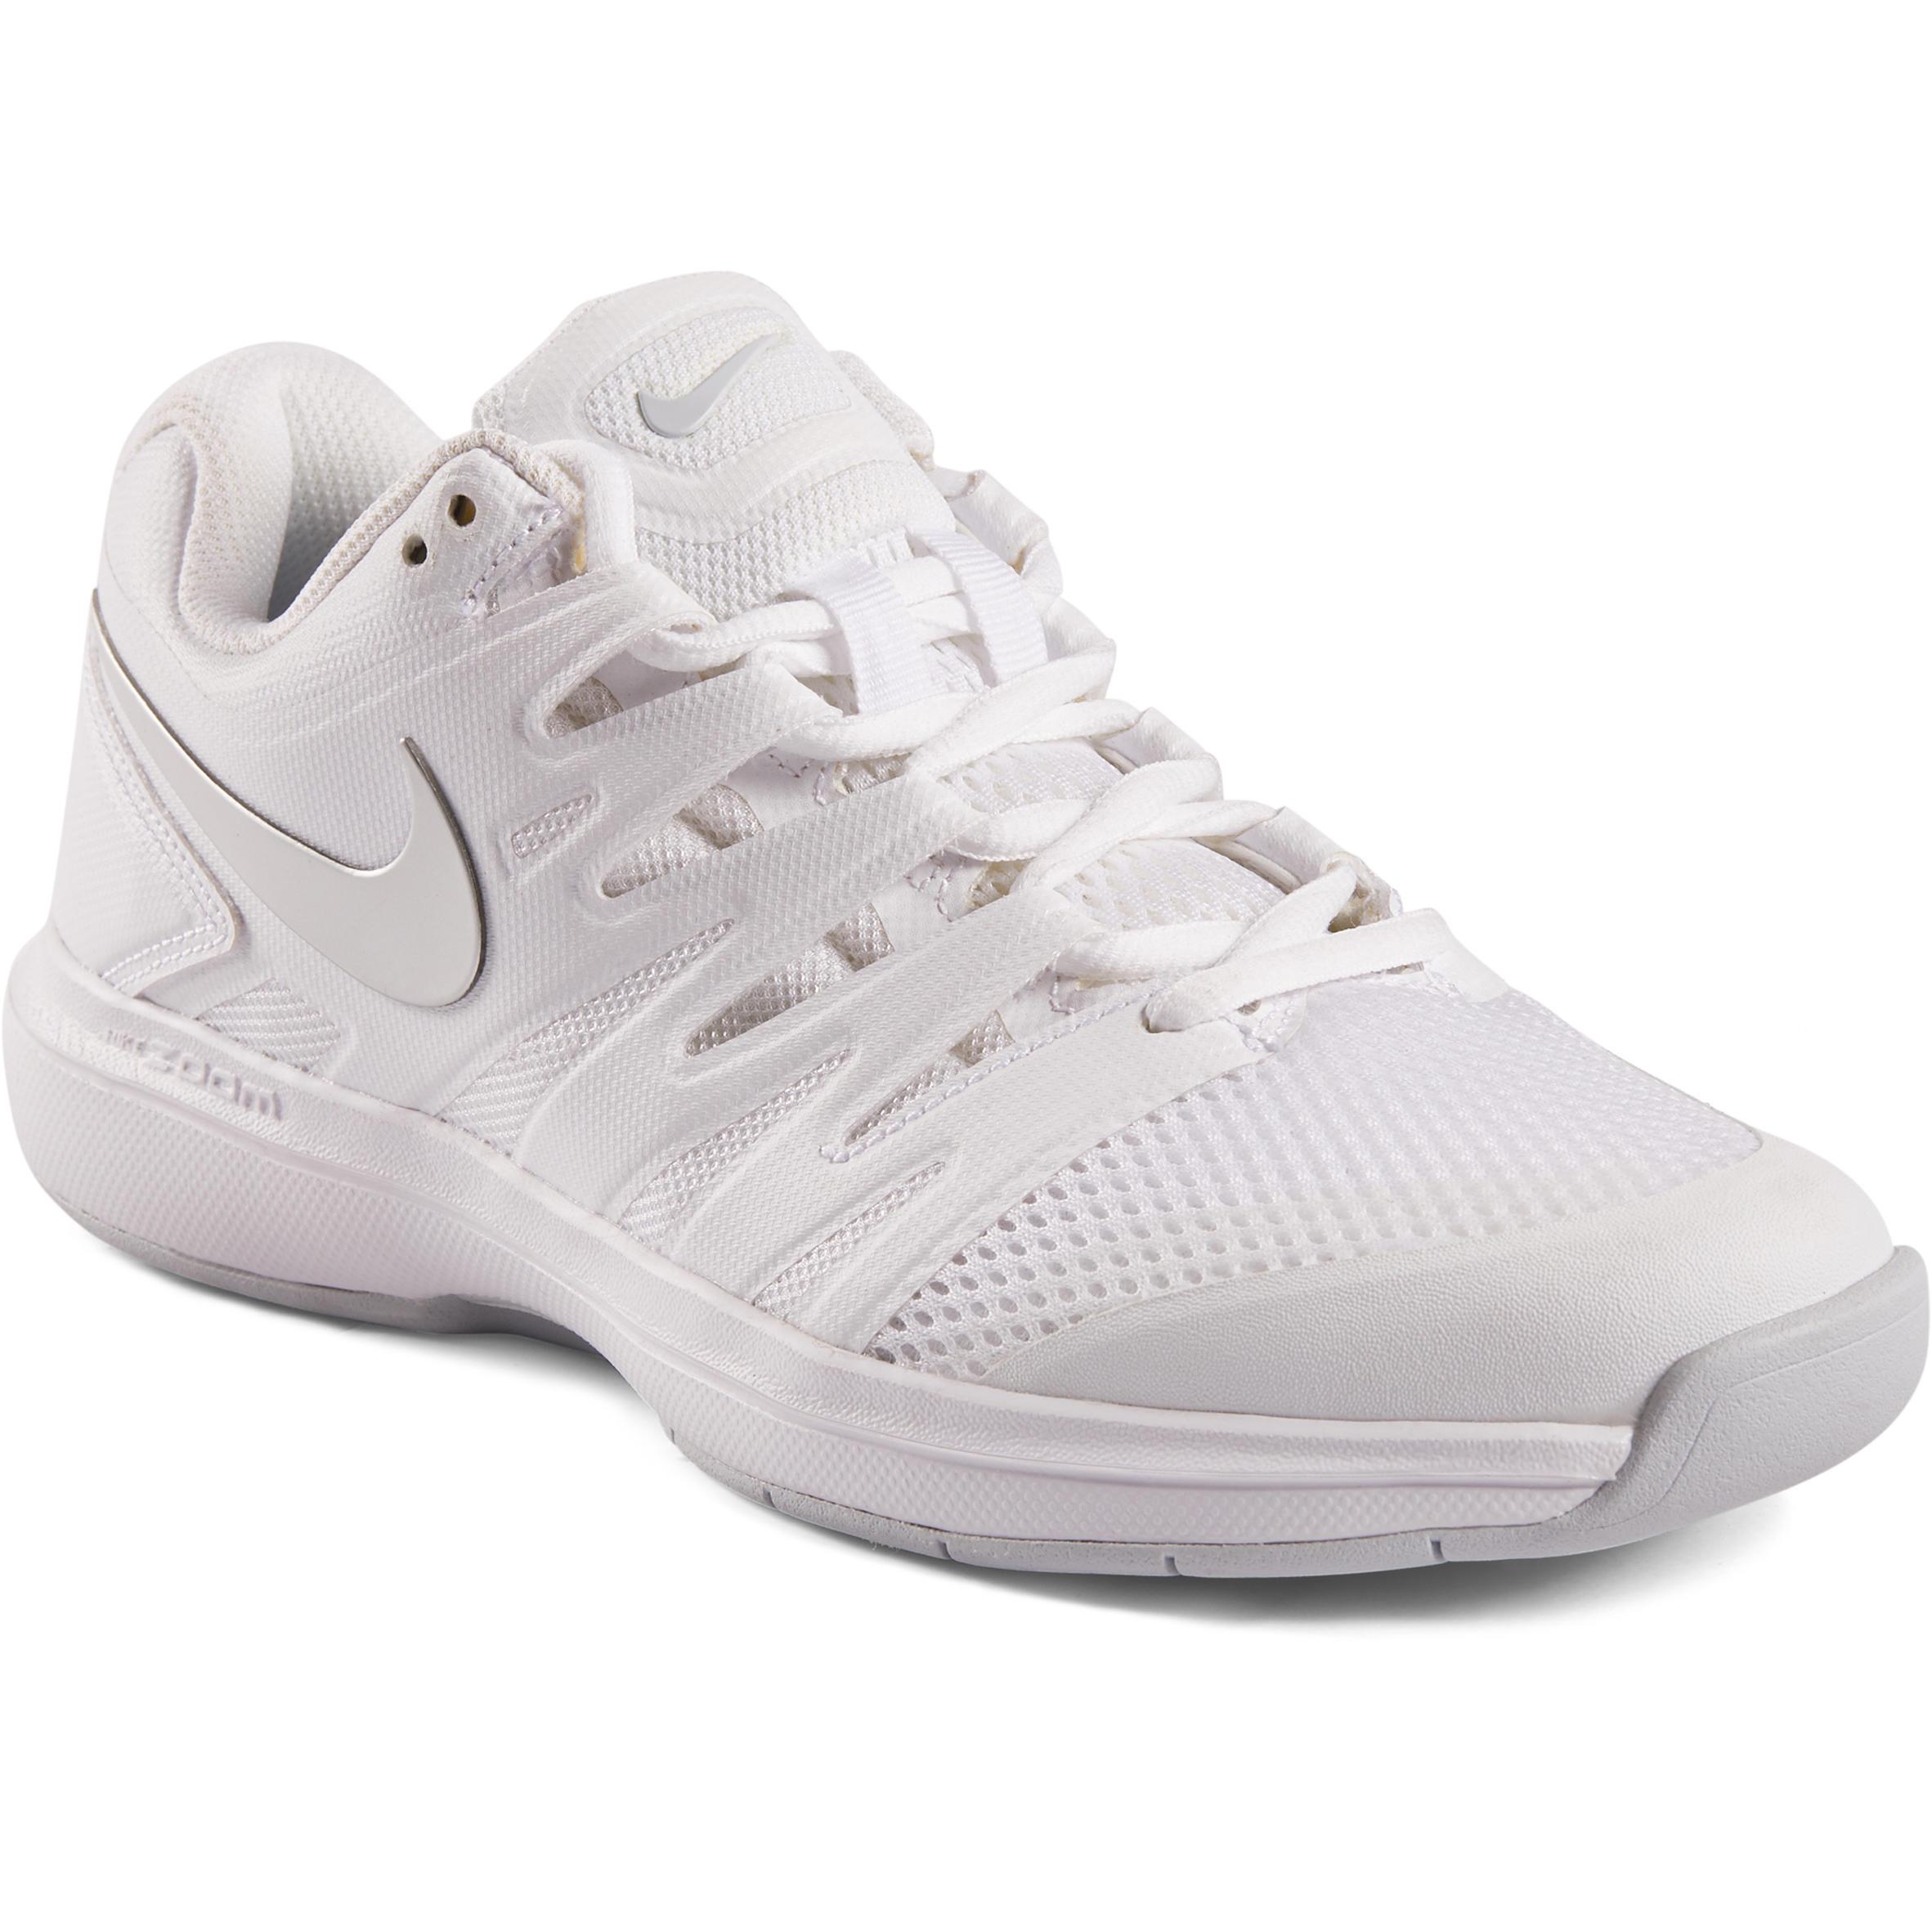 Nike Tennisschoenen voor dames tapijt Zoom Prestige wit